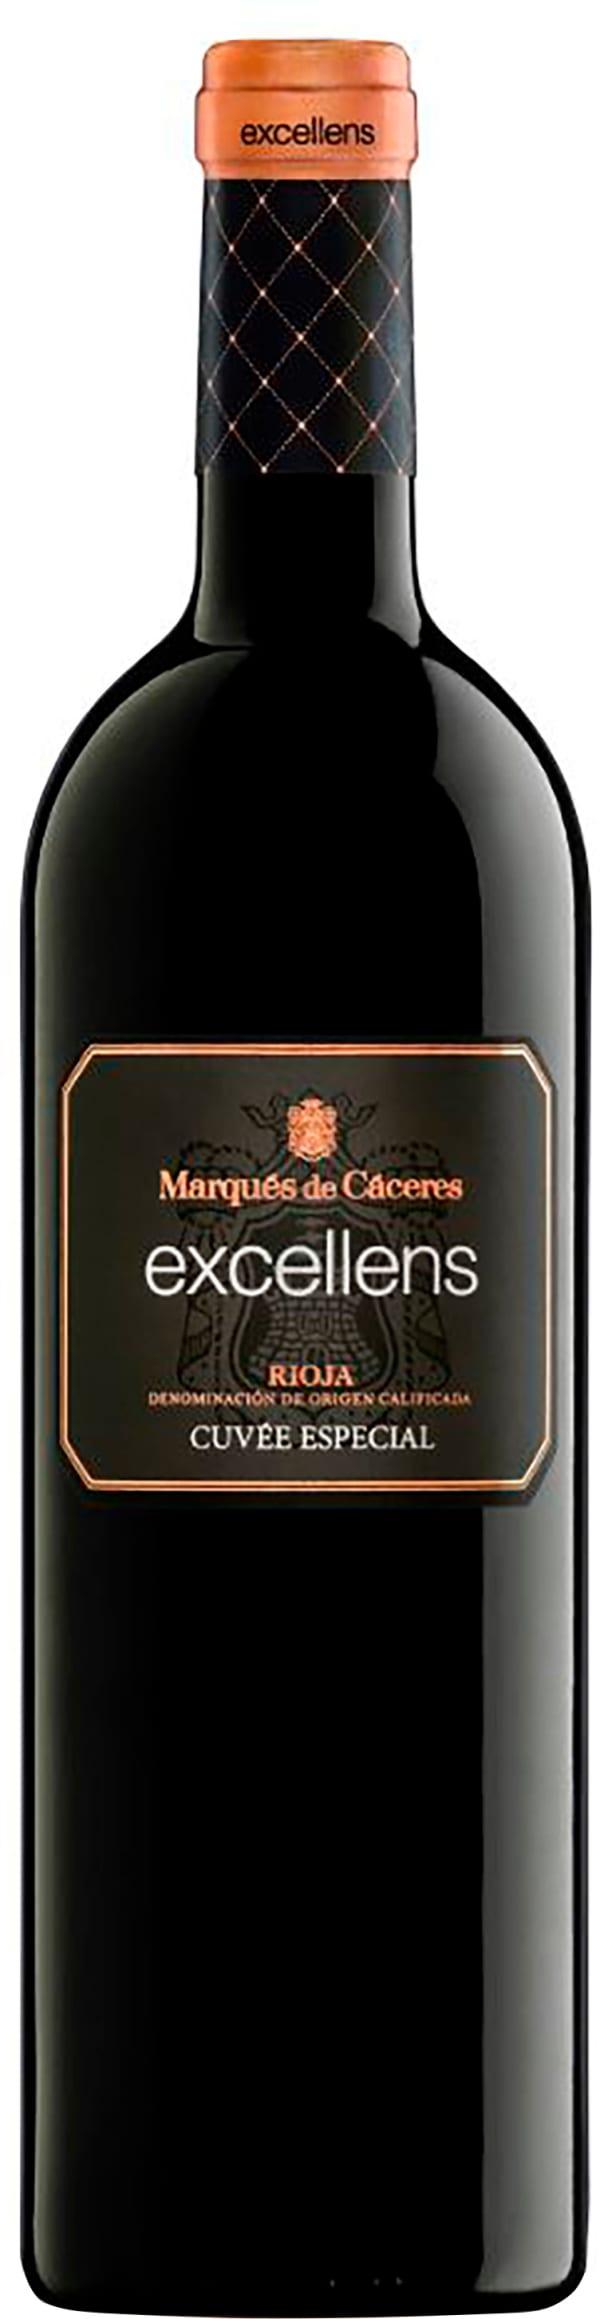 Marqués de Cáceres Excellens Cuvée 2016